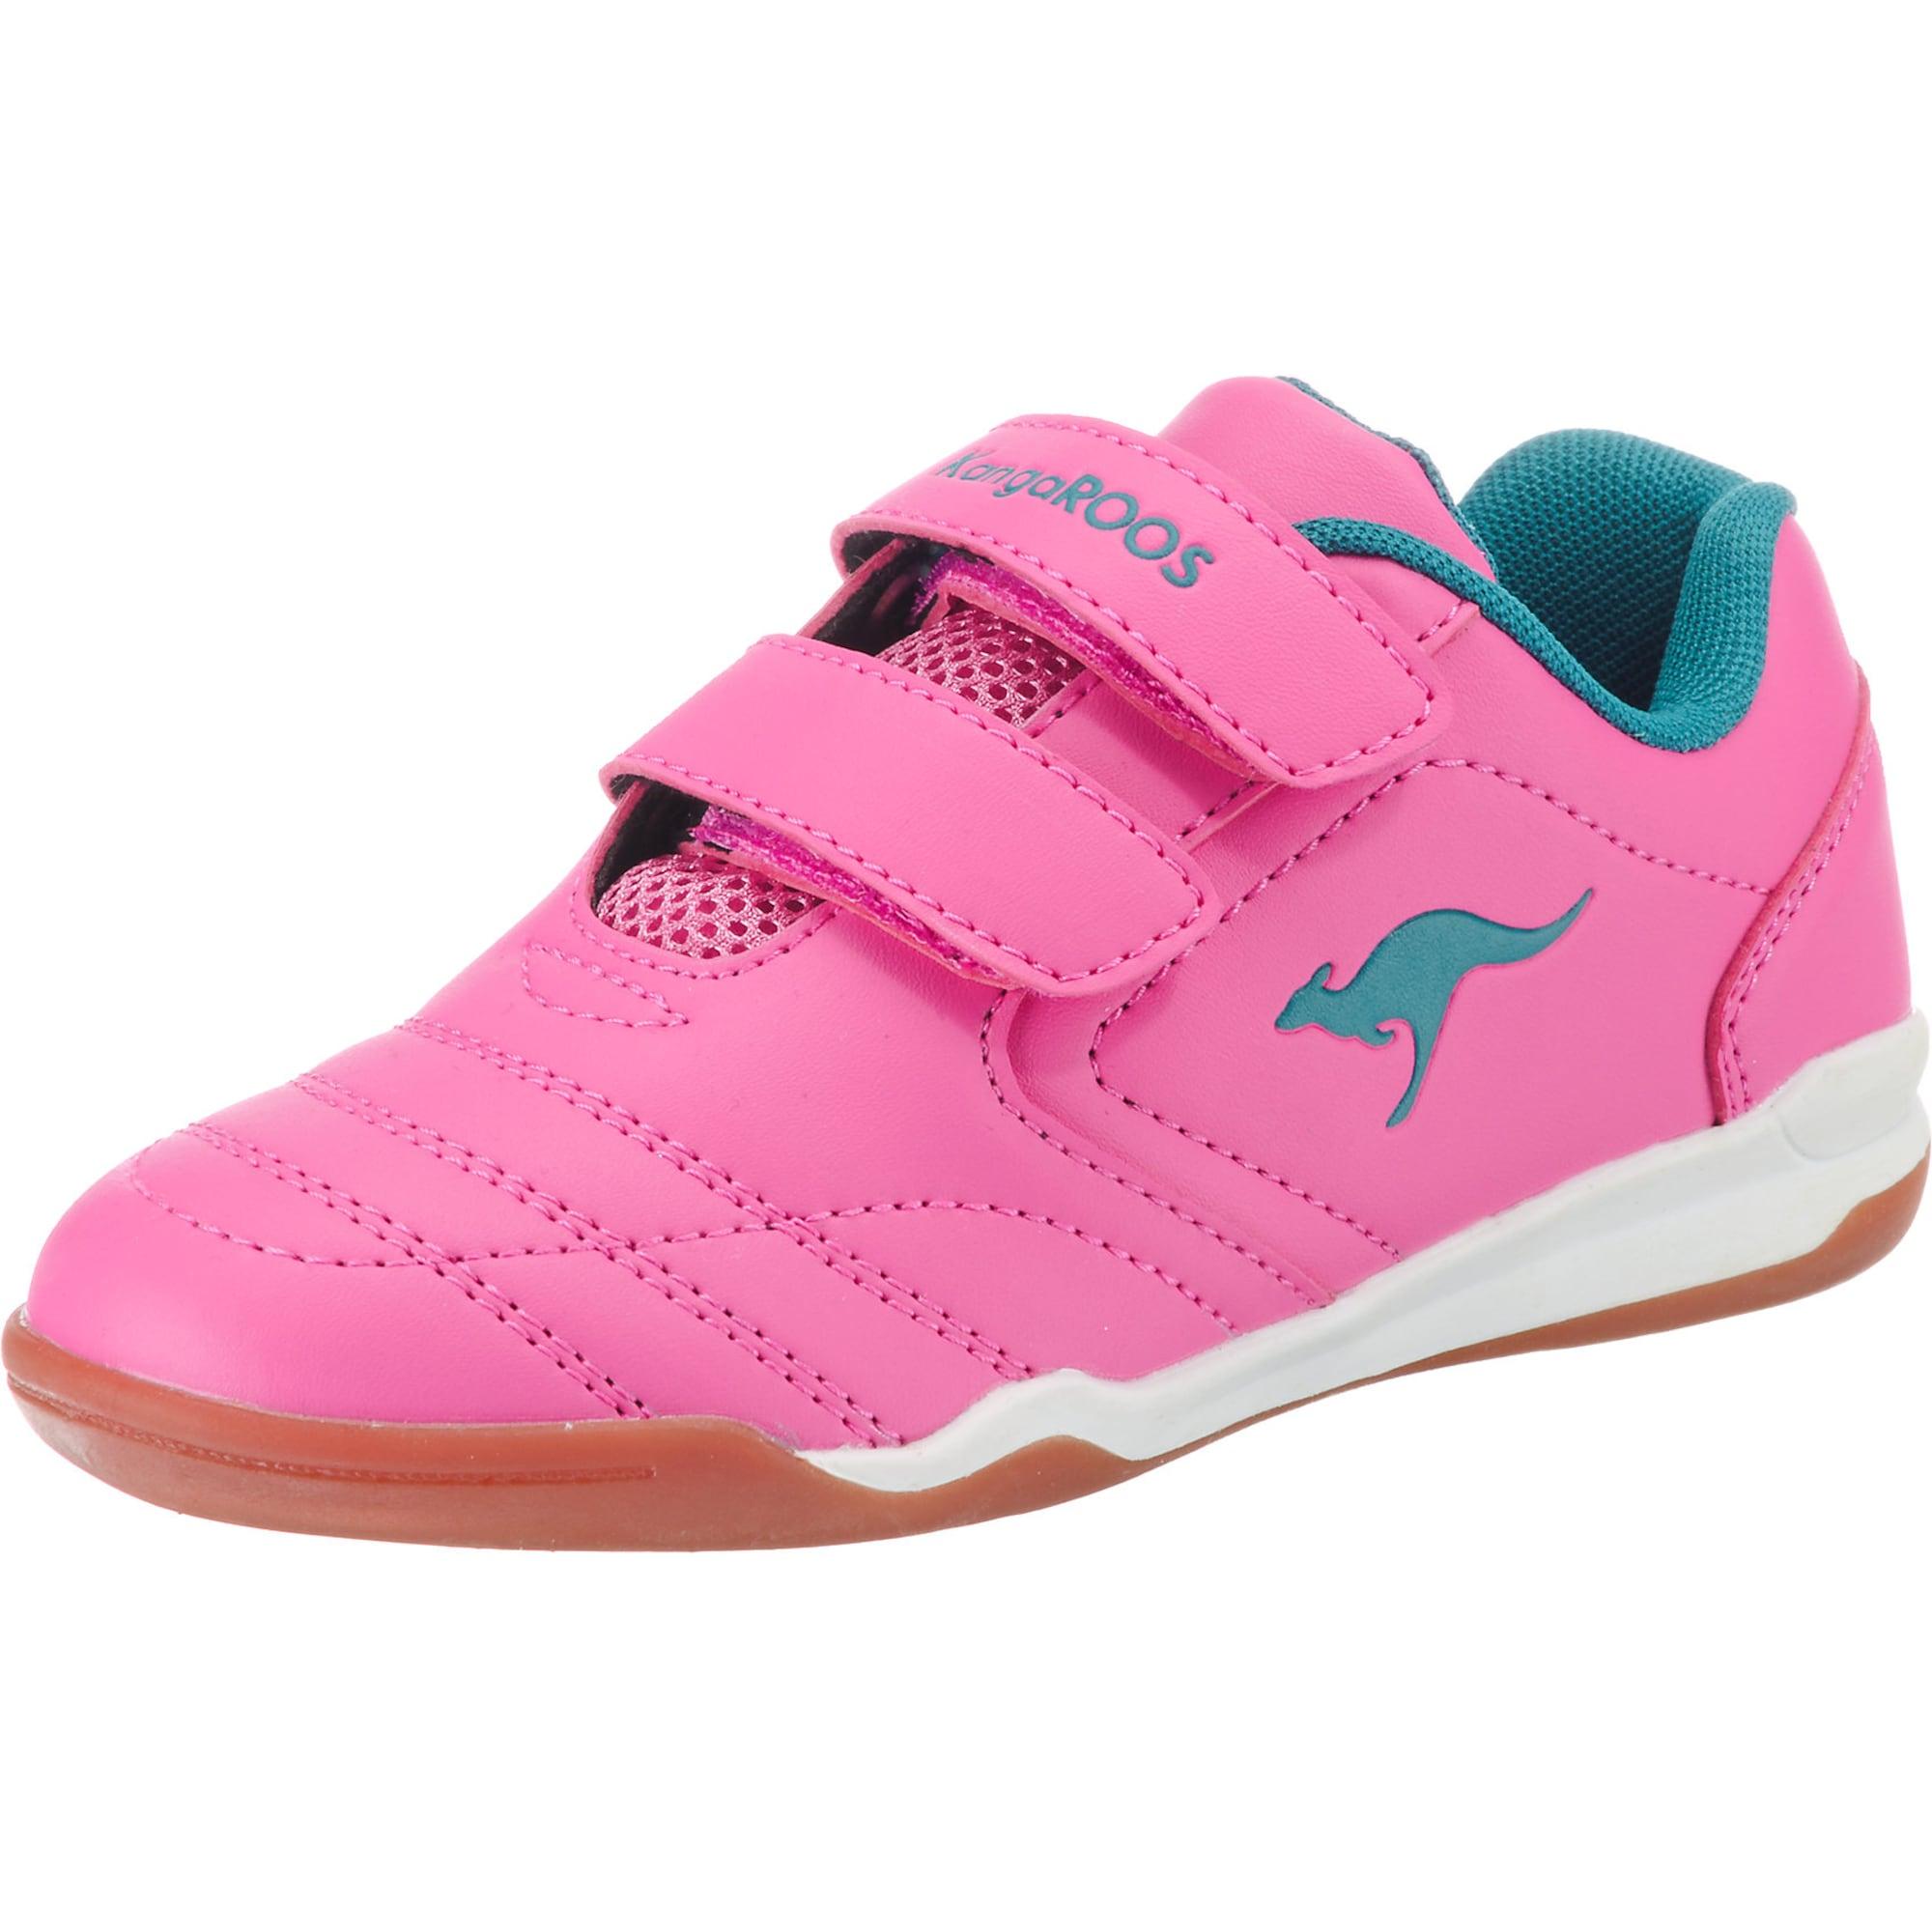 Tenisky Inyard V tyrkysová pink KangaROOS